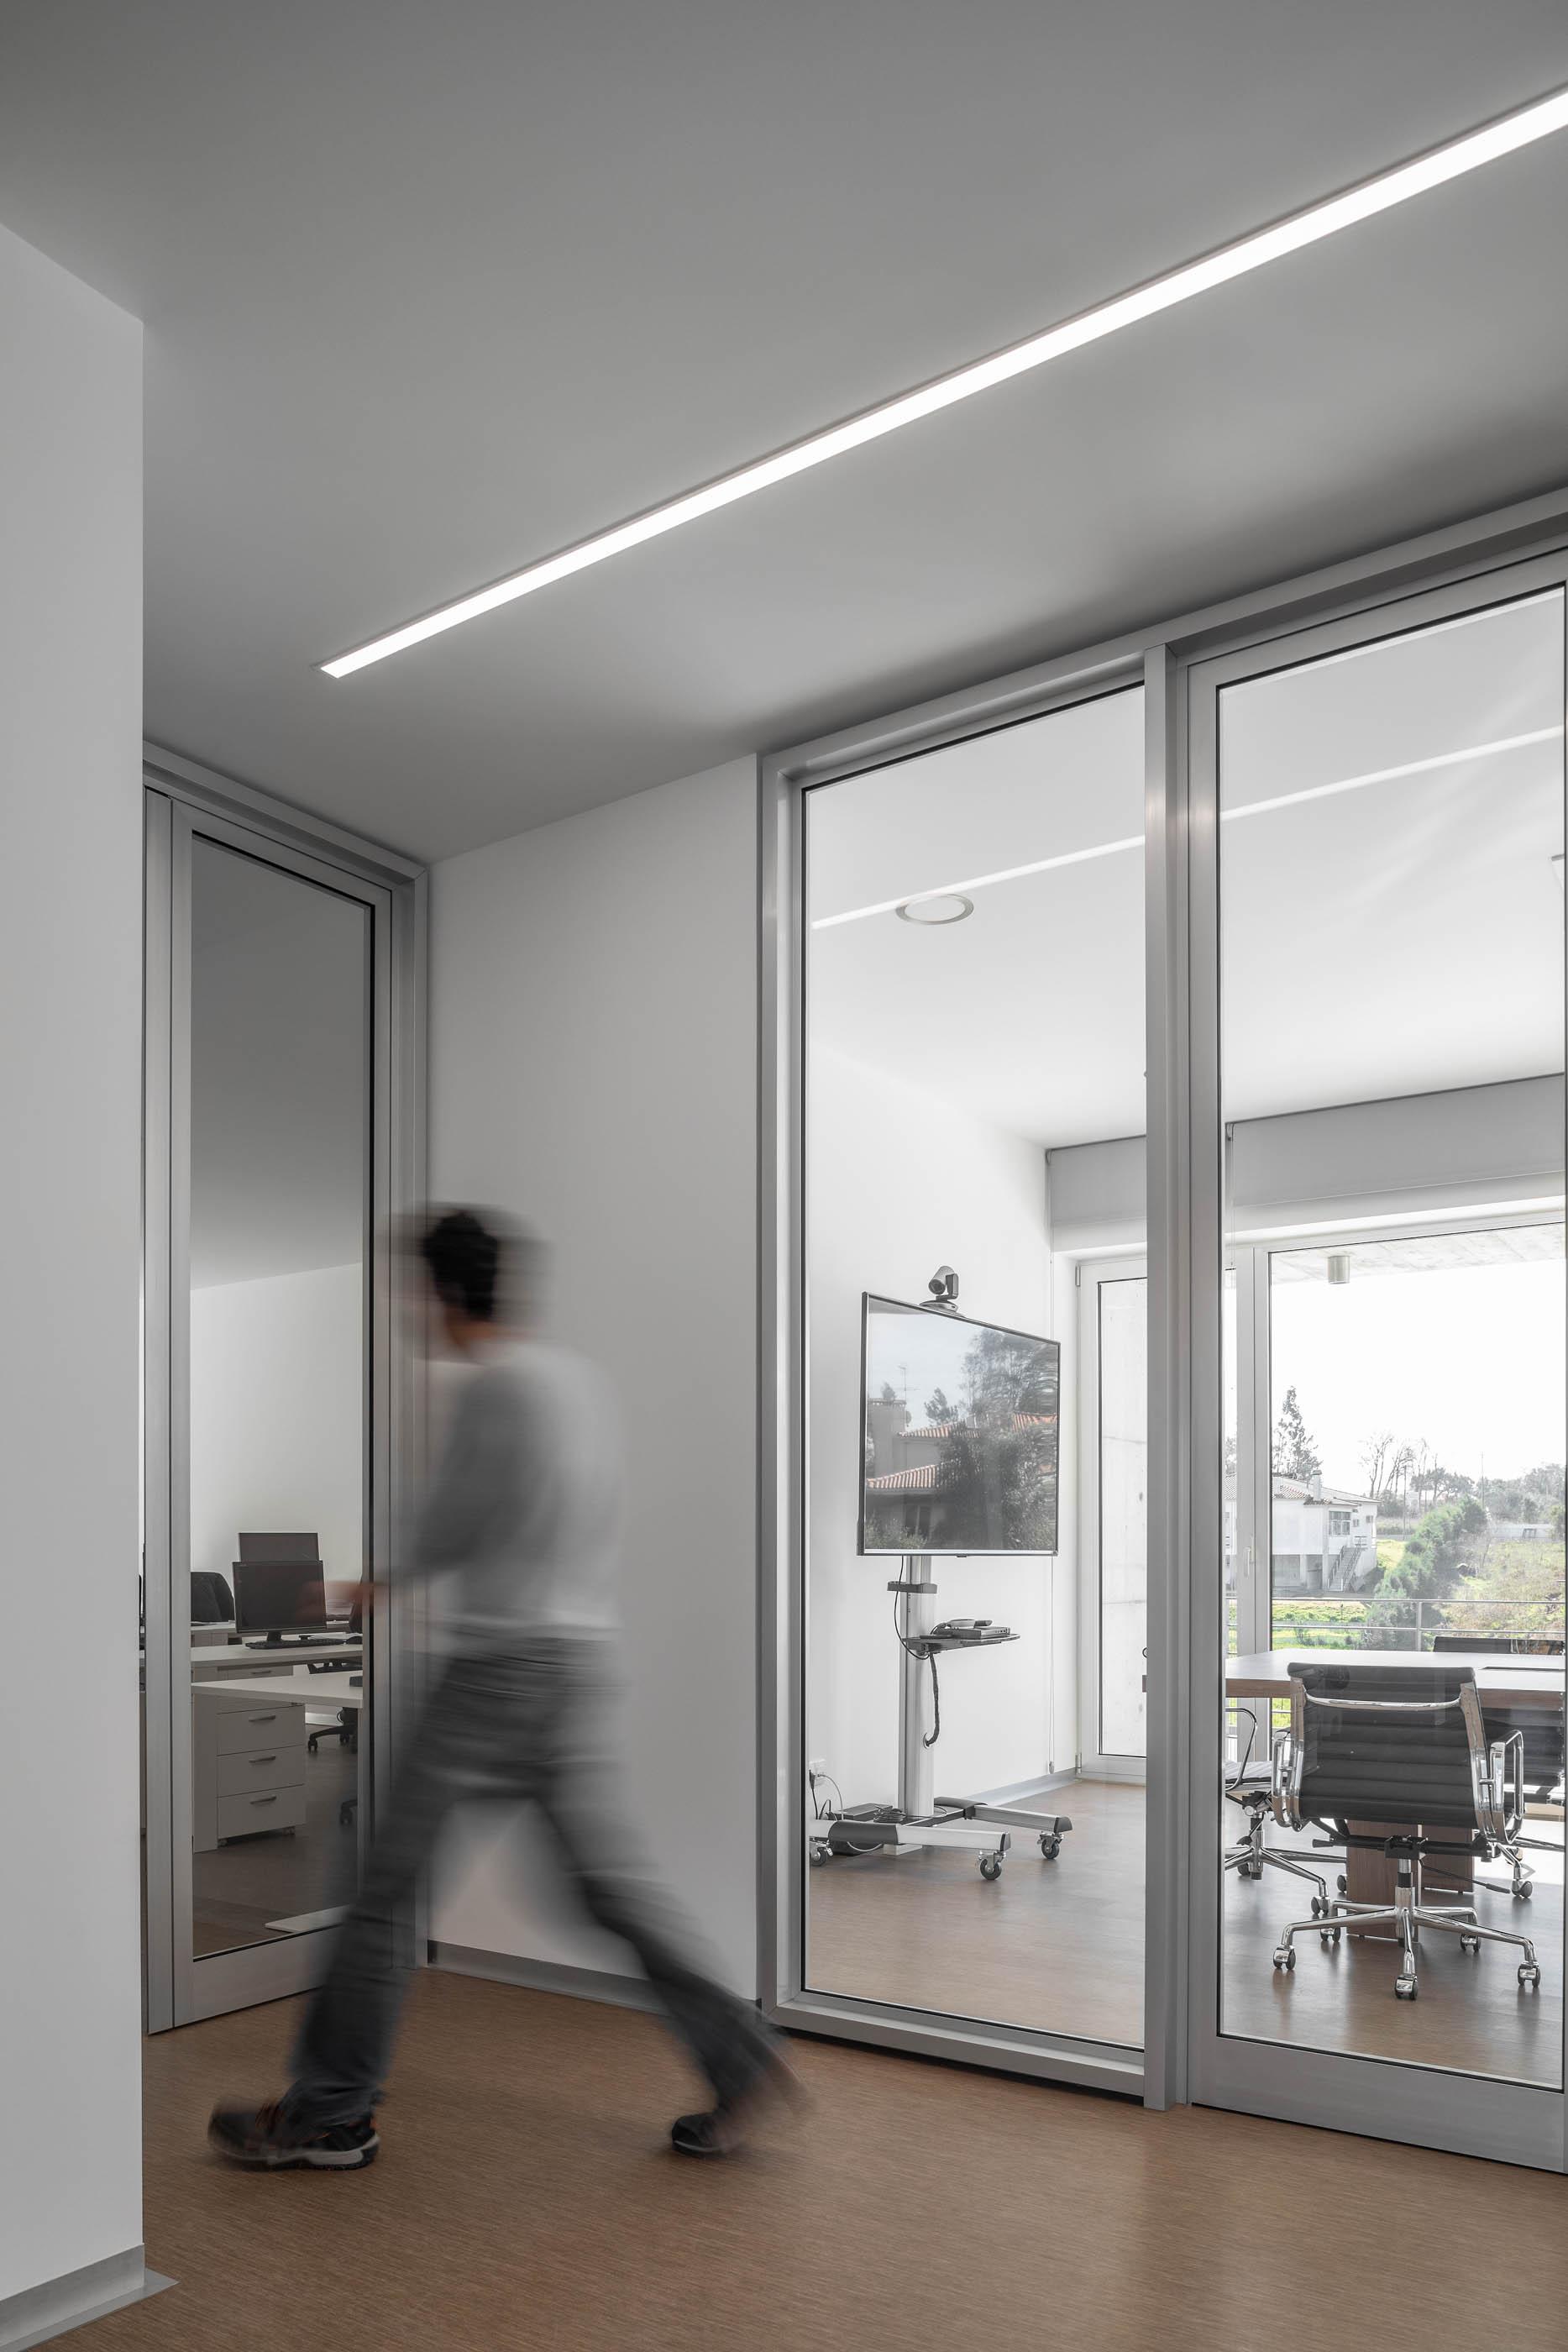 Edificio Industrial Prf Do Atelier Impare Arquitectura Com Fotog do fotografo Ivo Tavares Studio